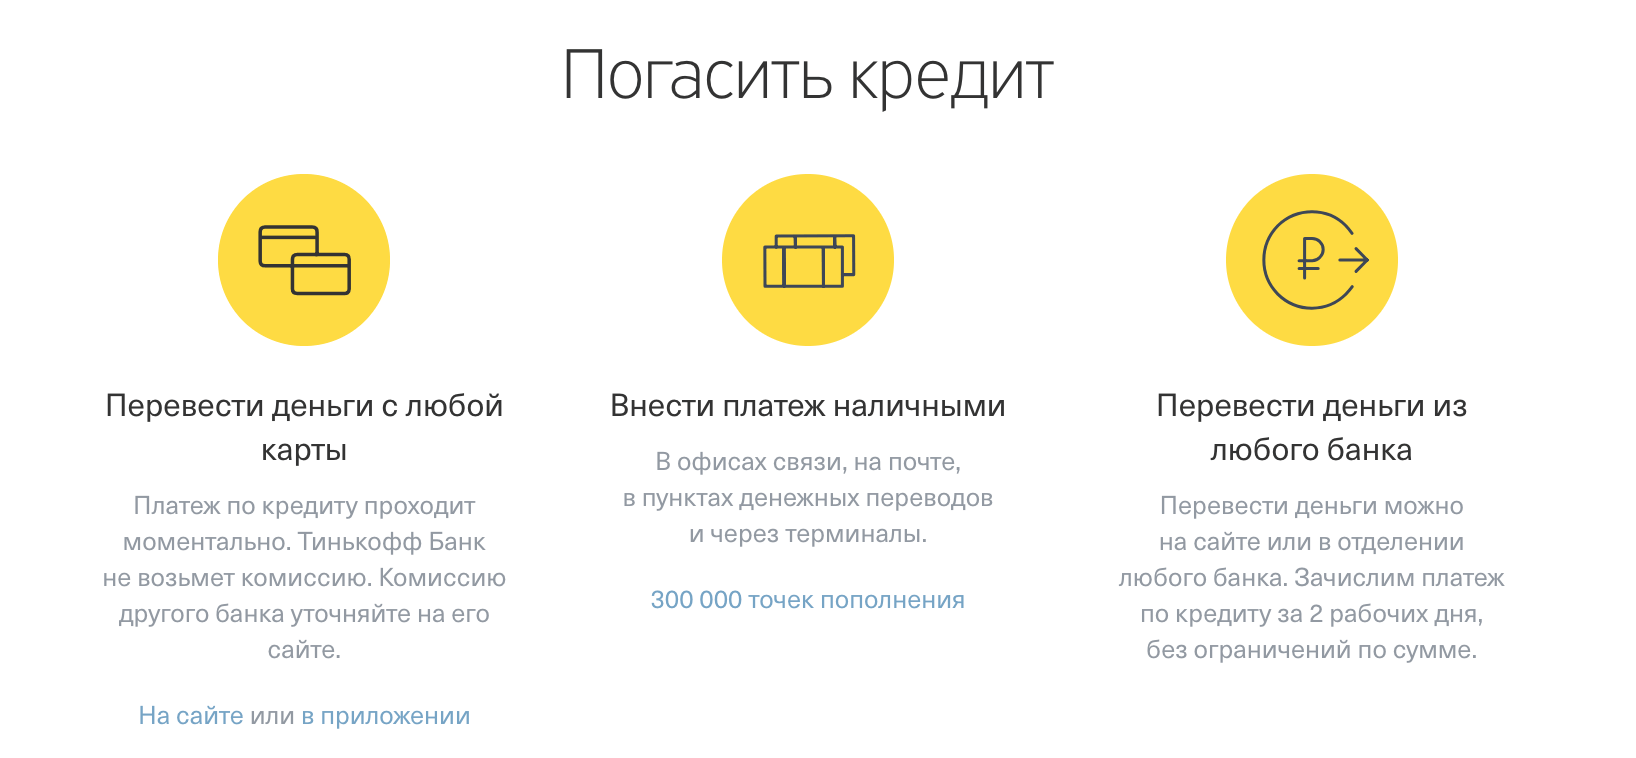 Как подать заявку на кредитную карту в сбербанк онлайн пошагово